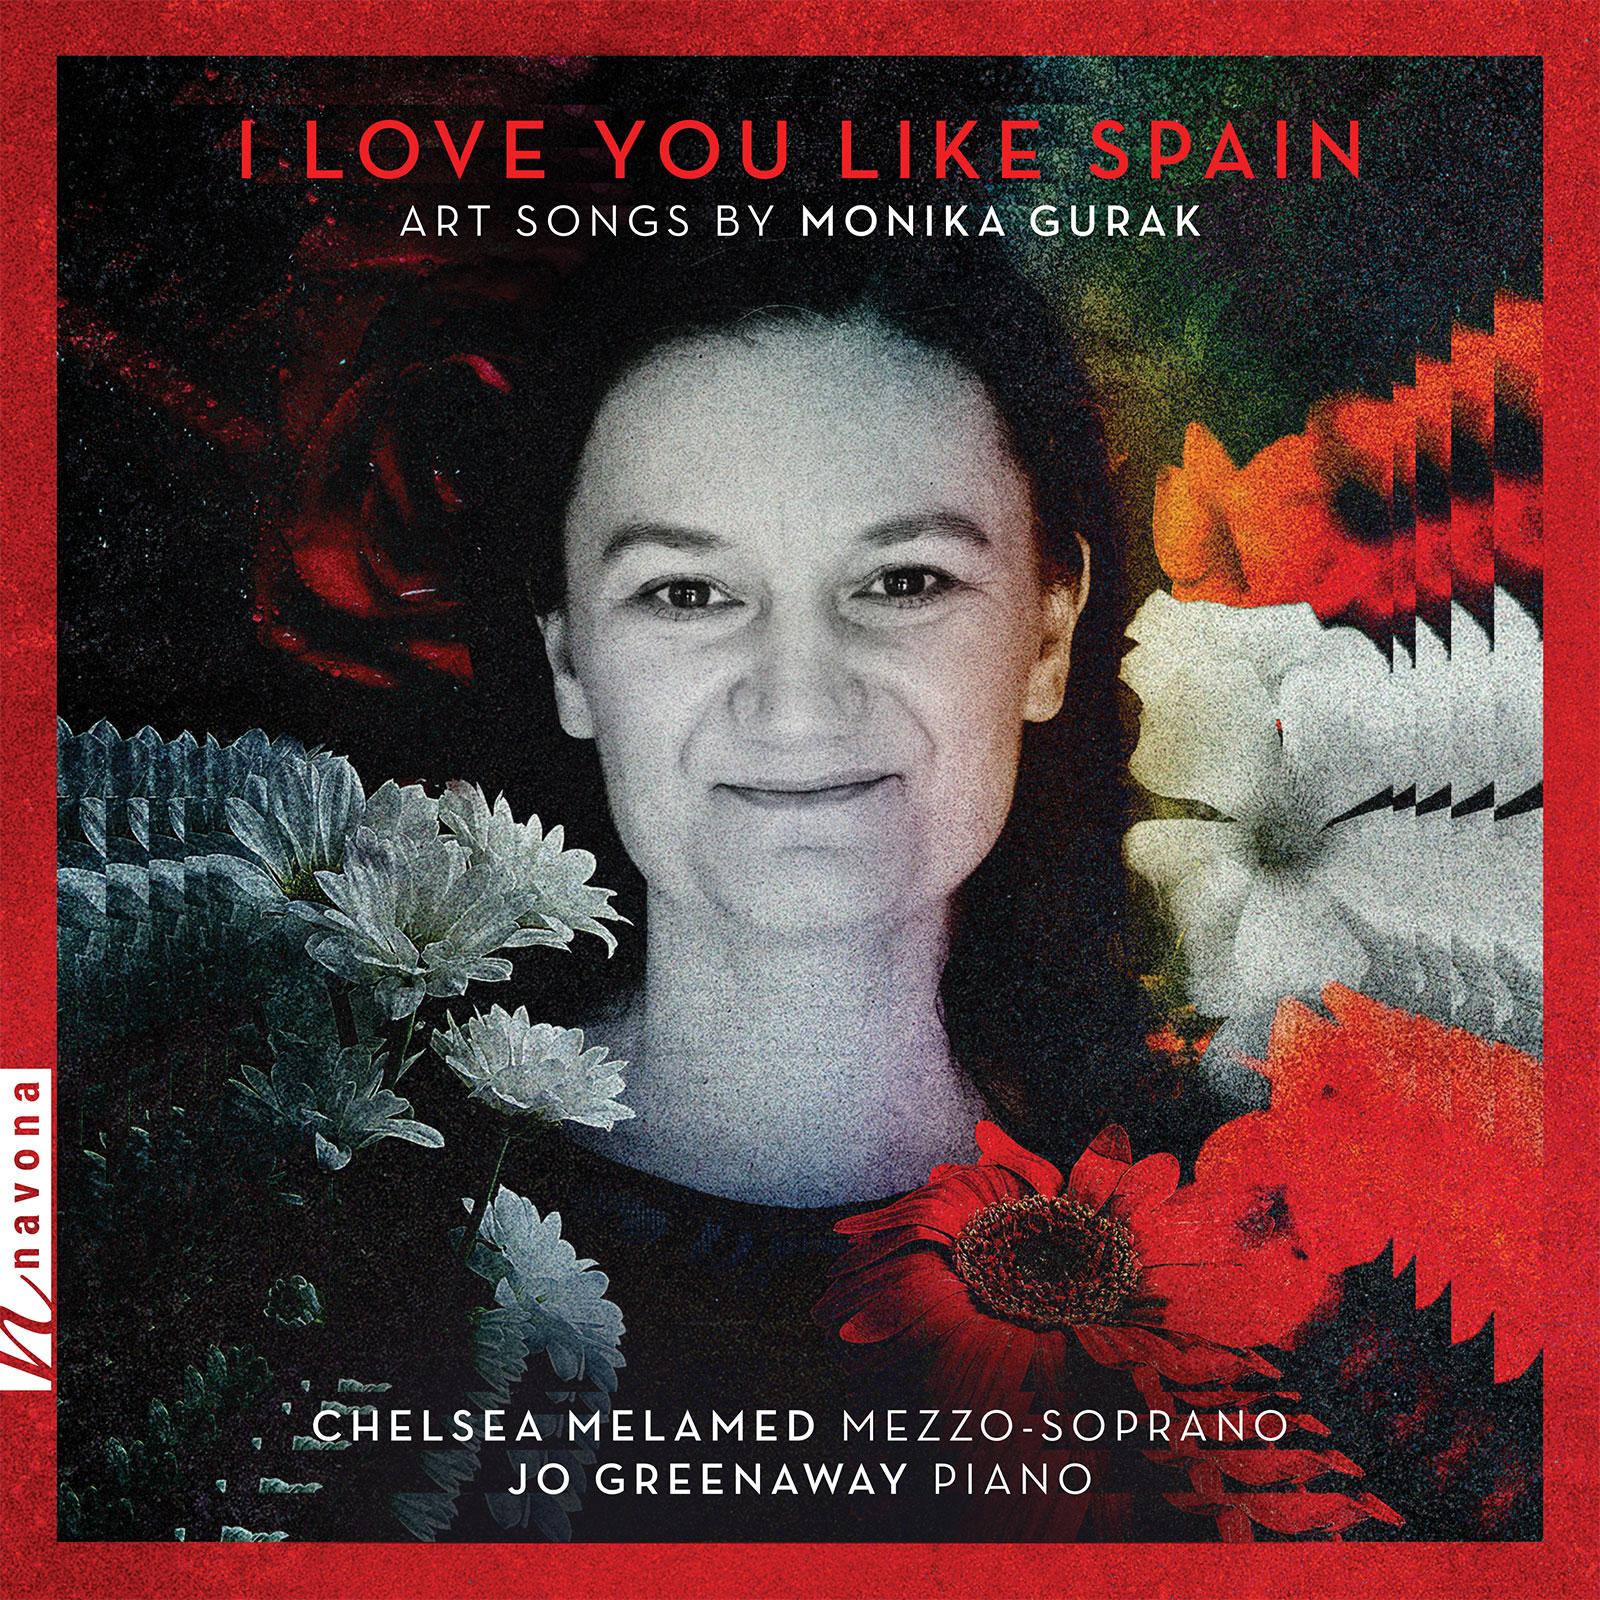 I Love You Like Spain